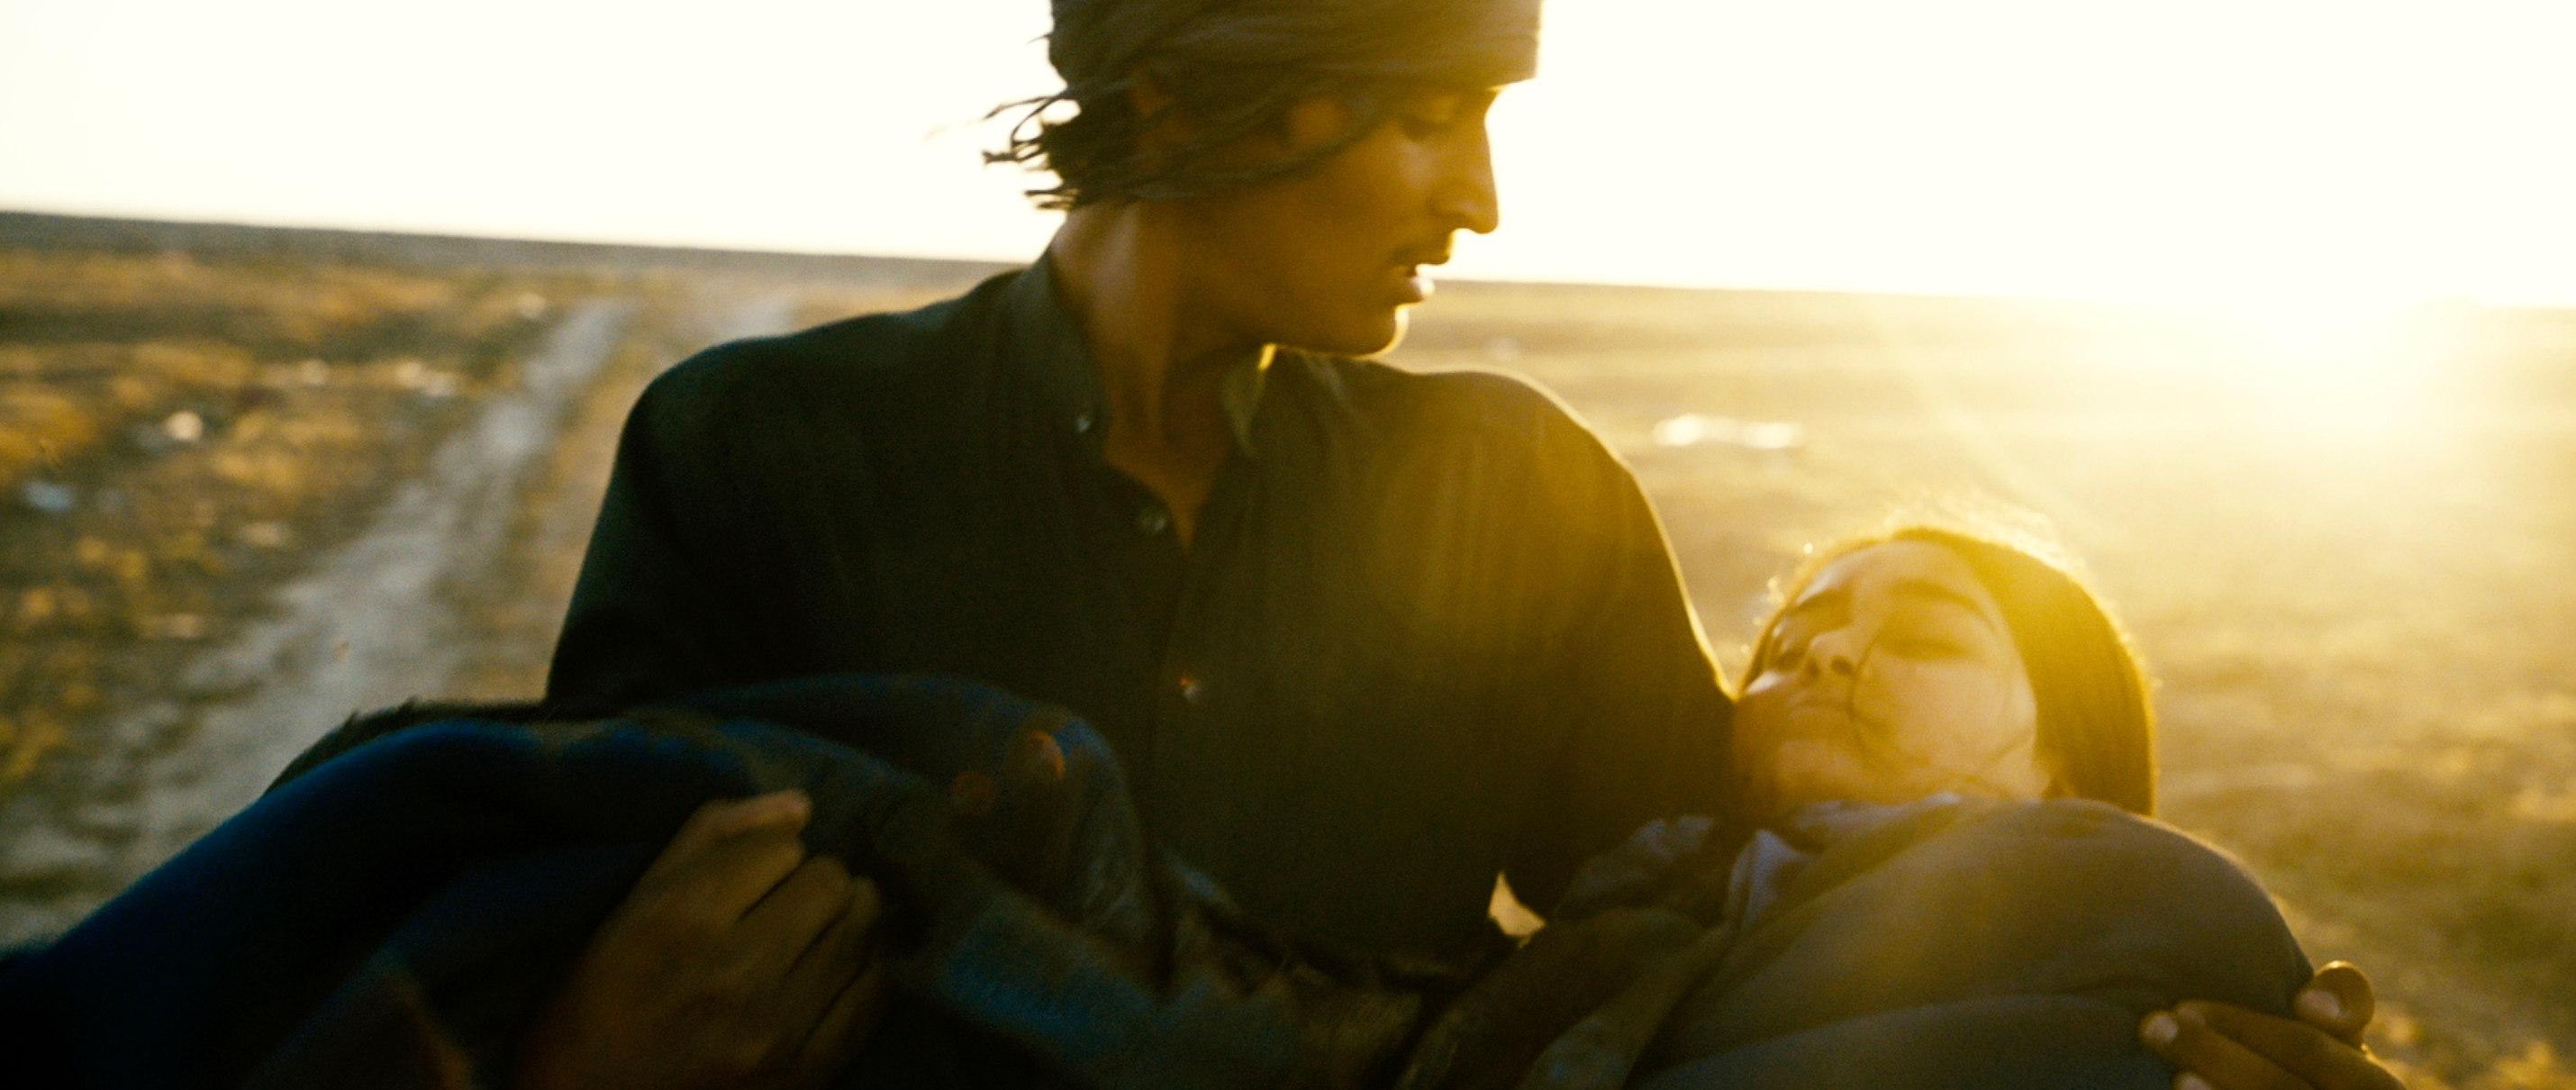 Zwischen Welten - Inbetween Worlds - Tarik trägt seine schwer verletzte Schwester Nala - Regie Feo Aladag - Kamera Judith Kaufmann